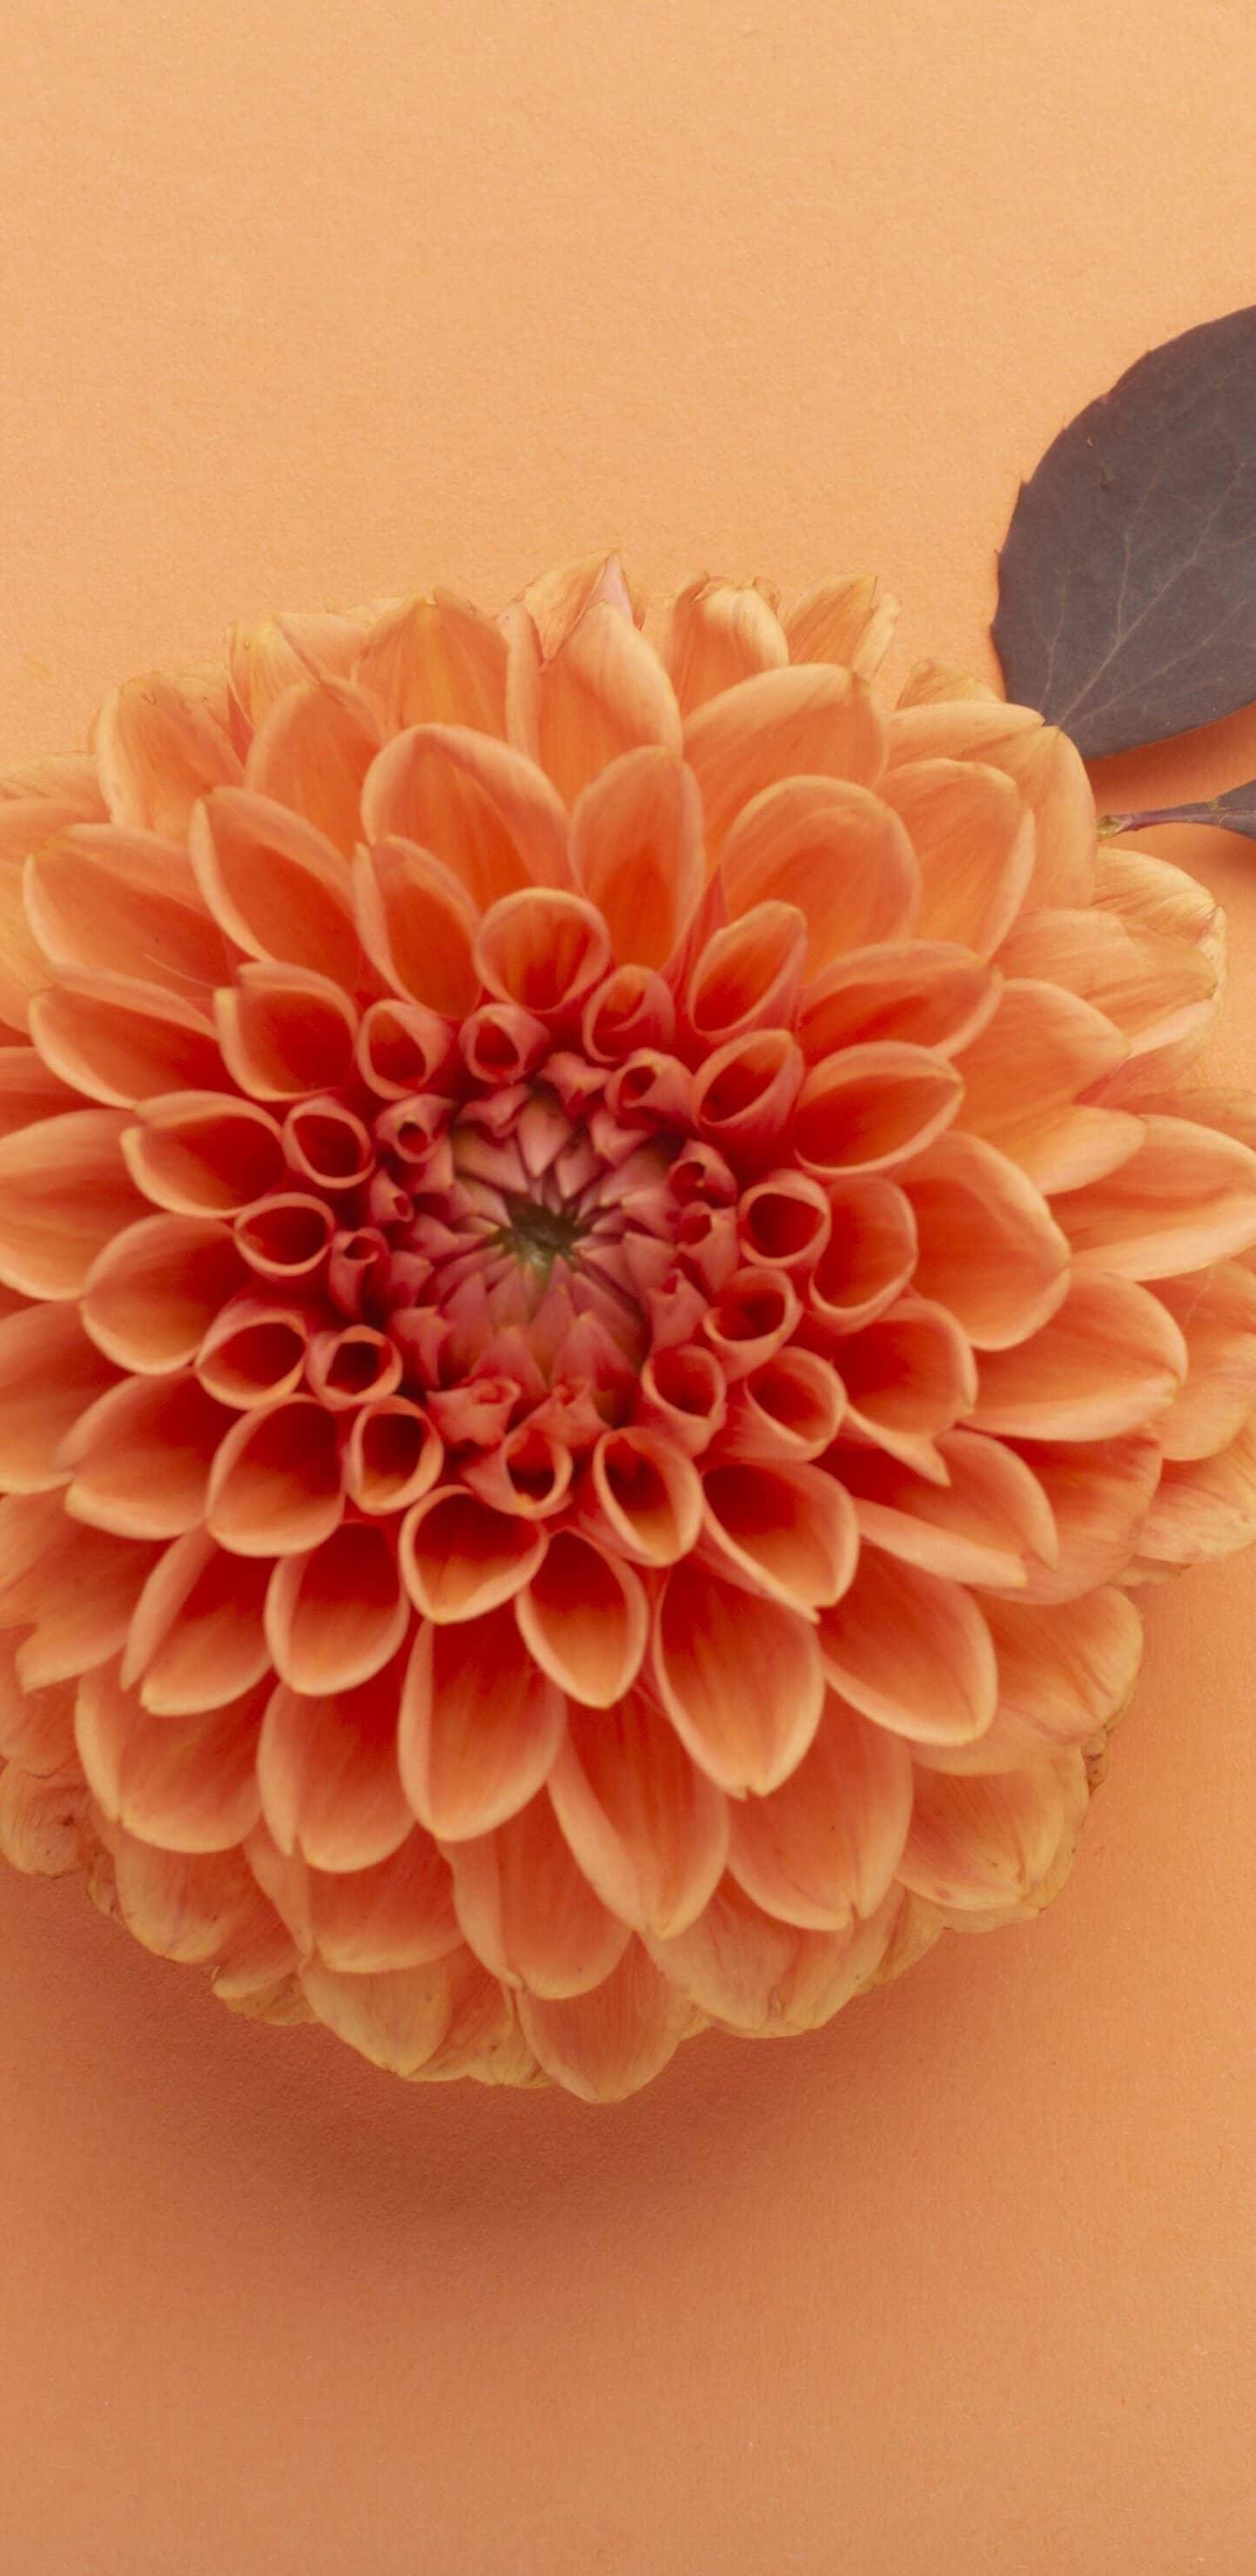 обои оранжевый цветок